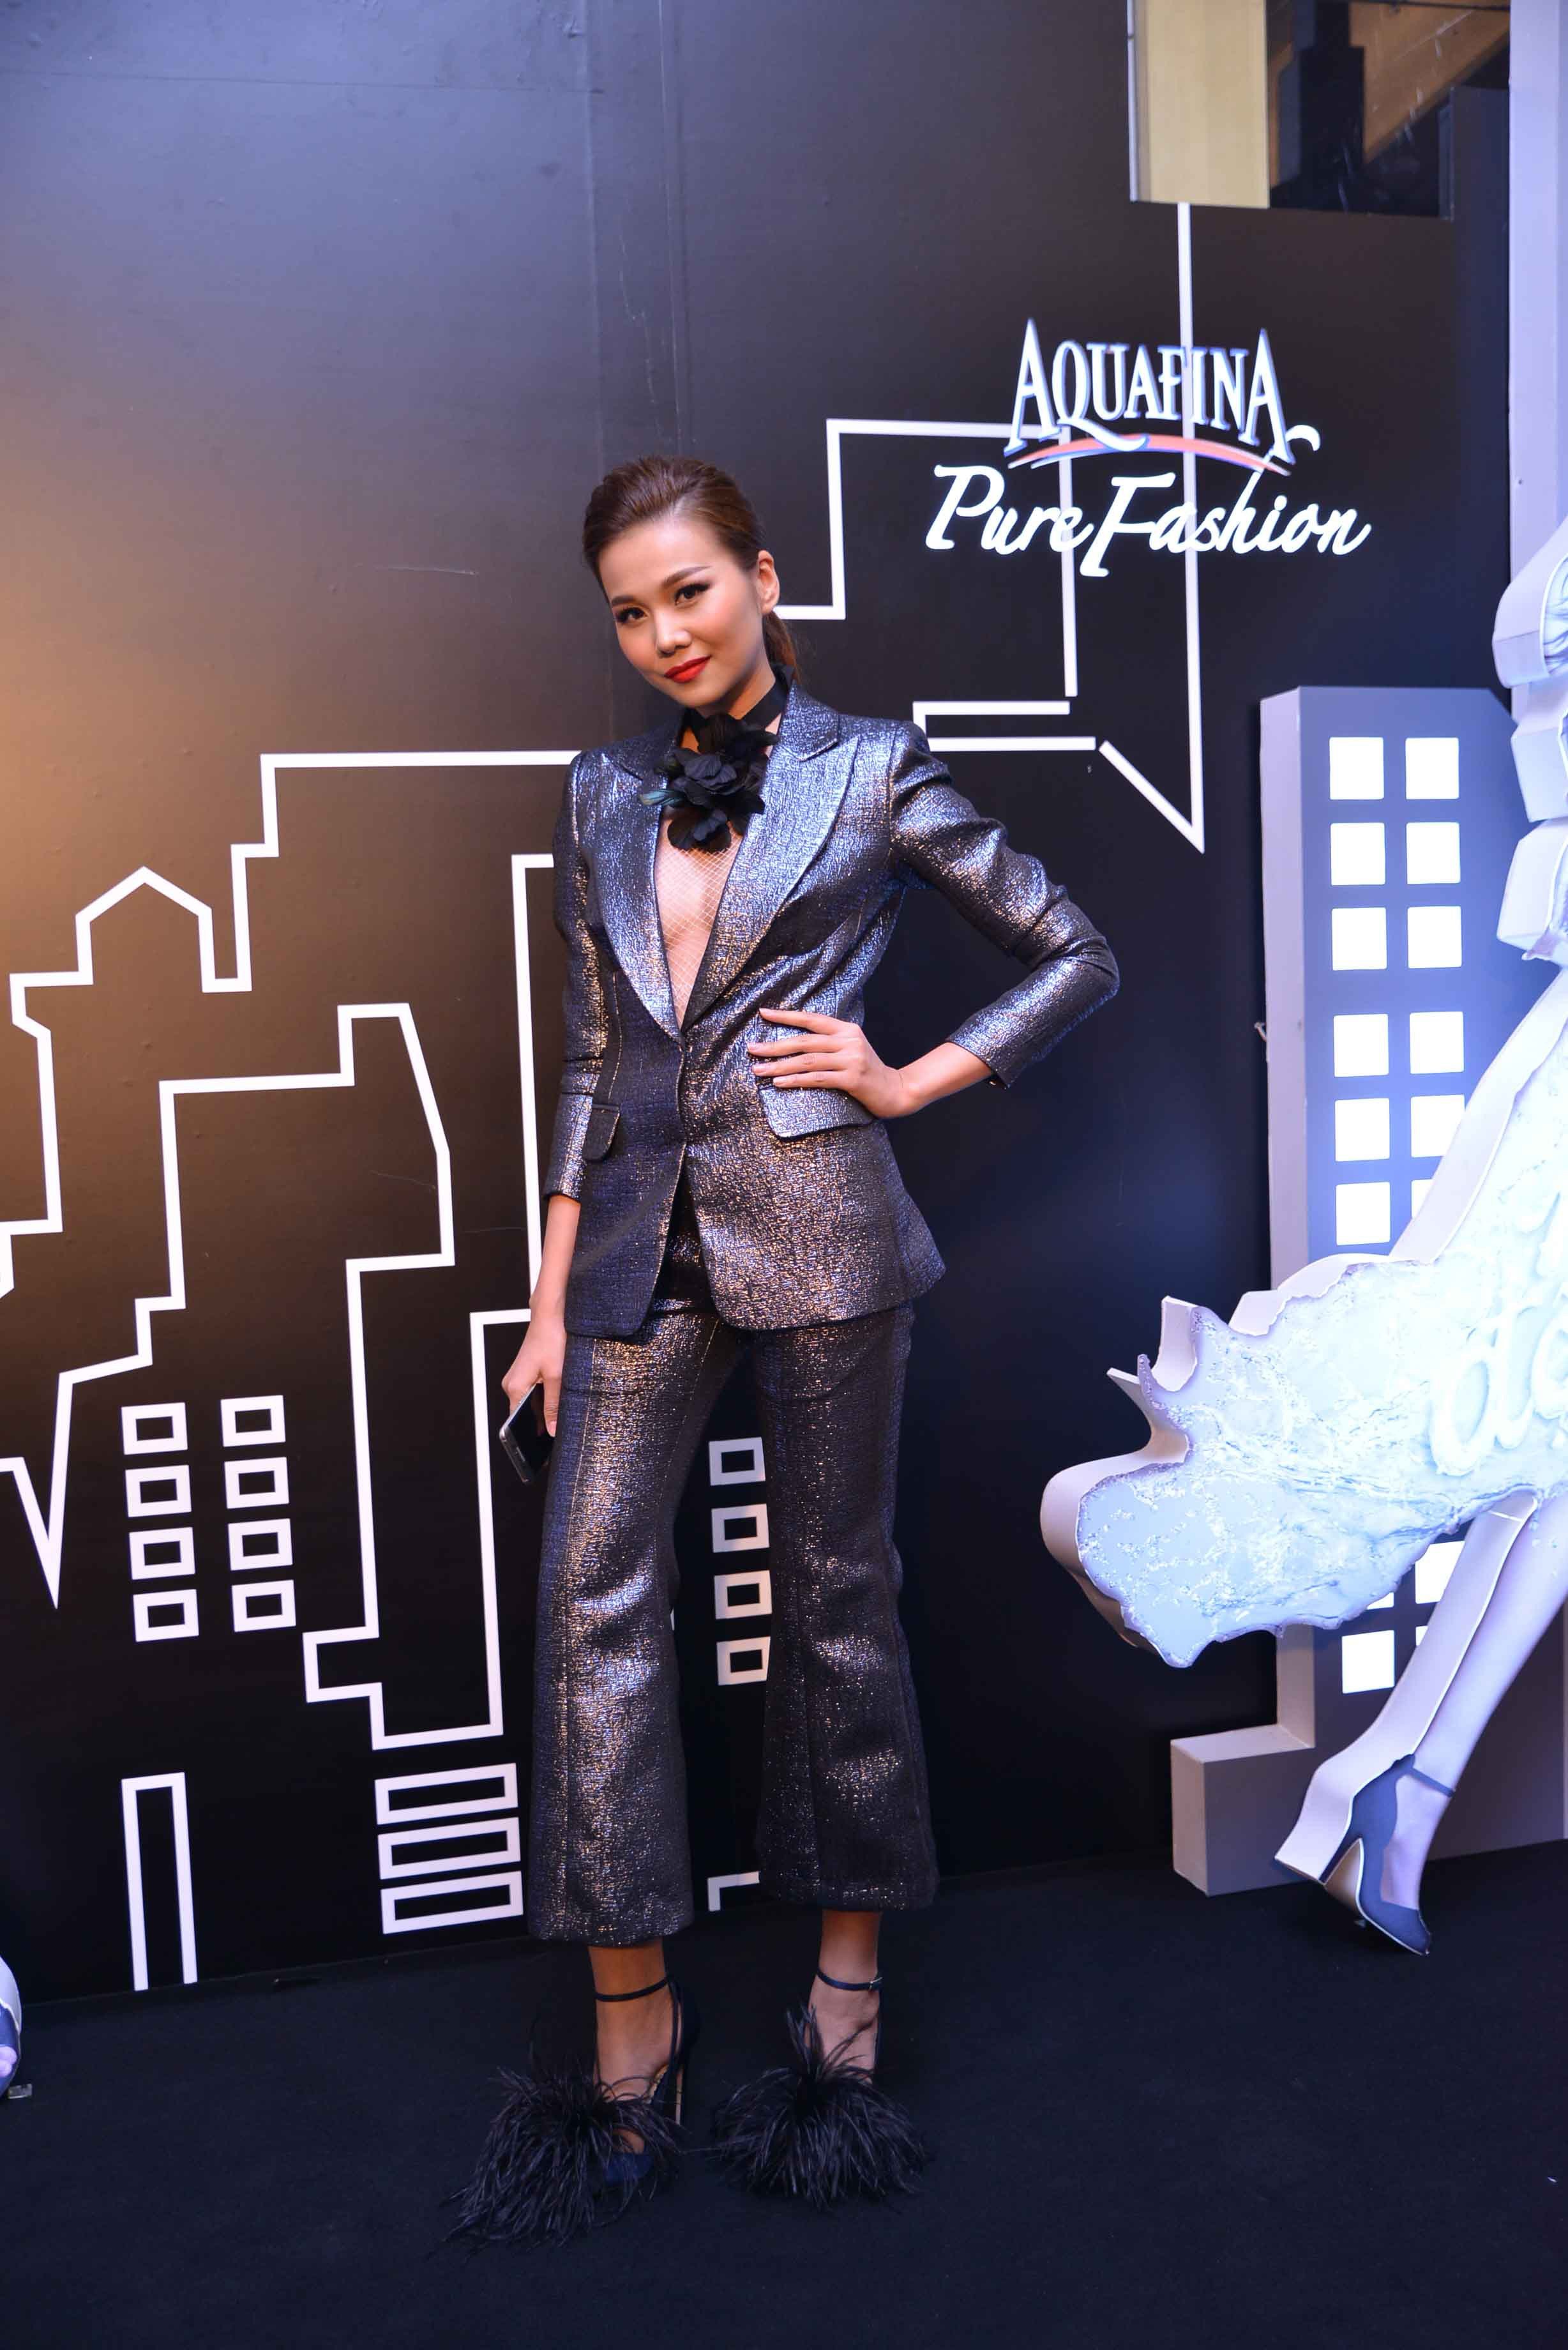 """Siêu mẫu Thanh Hằng táo bạo với phong cách Menswear. Cô cho biết: """"Hằng rất hào hứng khi đại diện cho cá tính tinh tế và trực tiếp trình diễn trang phục của các thí sinh. Đây là điểm rất mới lạ của cuộc thi năm nay, giúp cho người mẫu có thể thể hiện được màu sắc cá tính của mỗi người"""""""